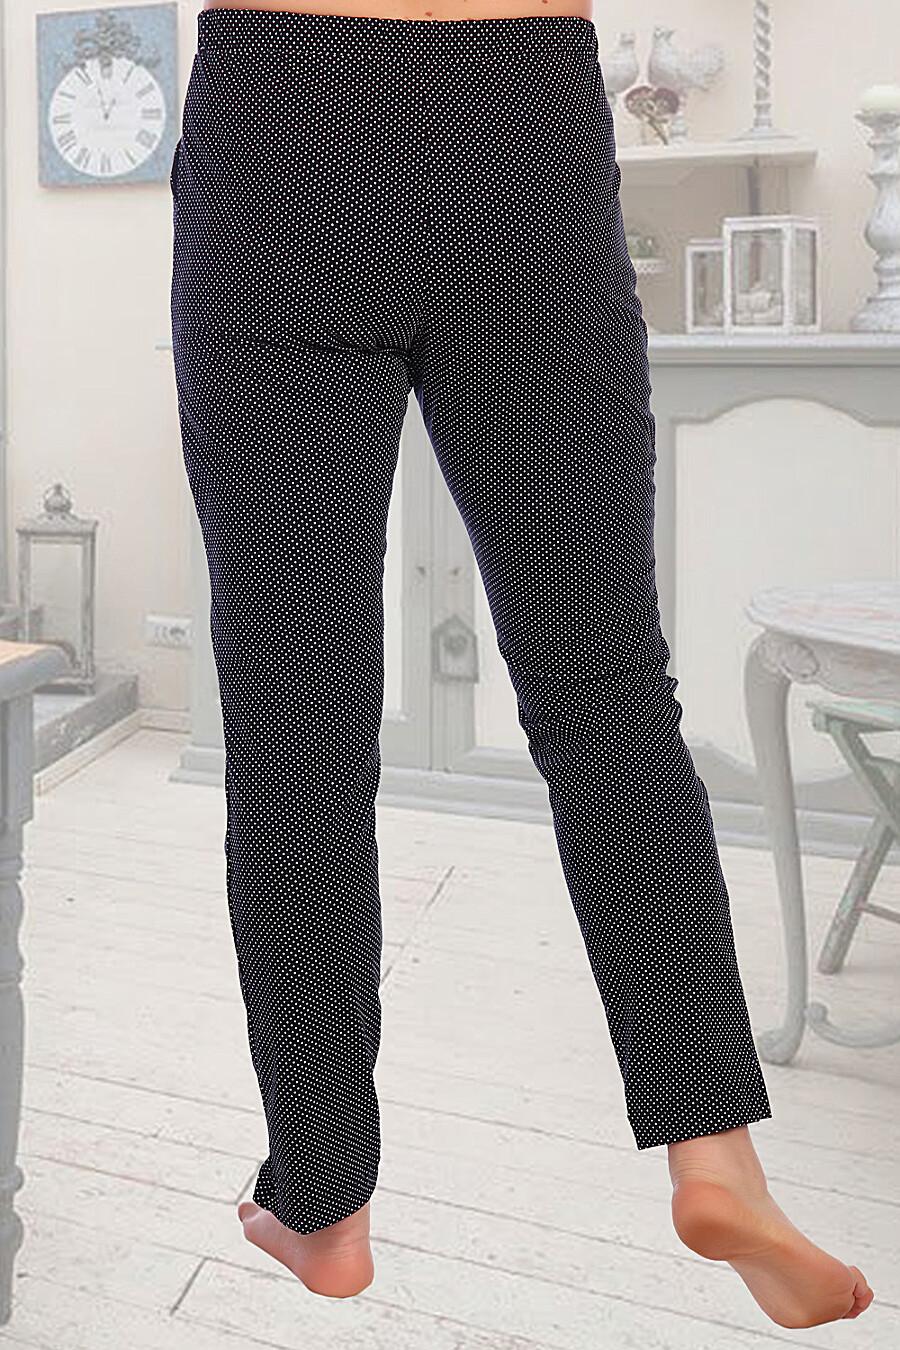 Брюки Клайтон для женщин НАТАЛИ 288446 купить оптом от производителя. Совместная покупка женской одежды в OptMoyo